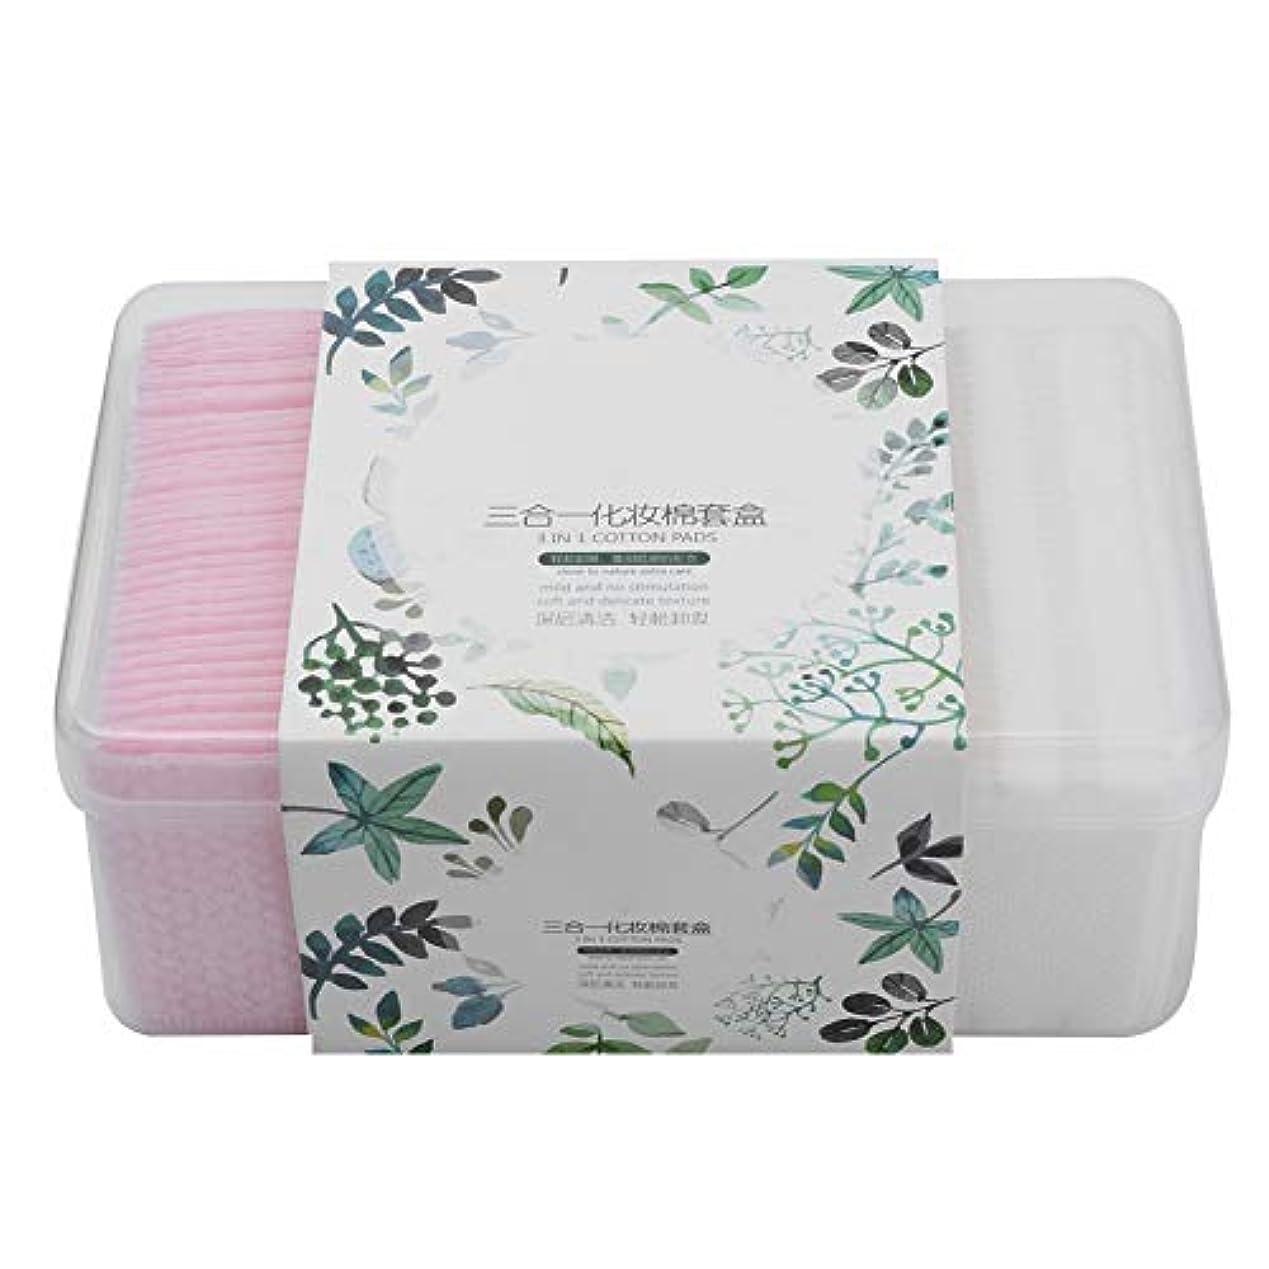 ペアフォーム錫使い捨て化粧パッド メイク 280枚枚セット 化粧品リムーバークリーニングワイプ 綿パッド 化粧品 清潔になりますスキンケアを拭きます